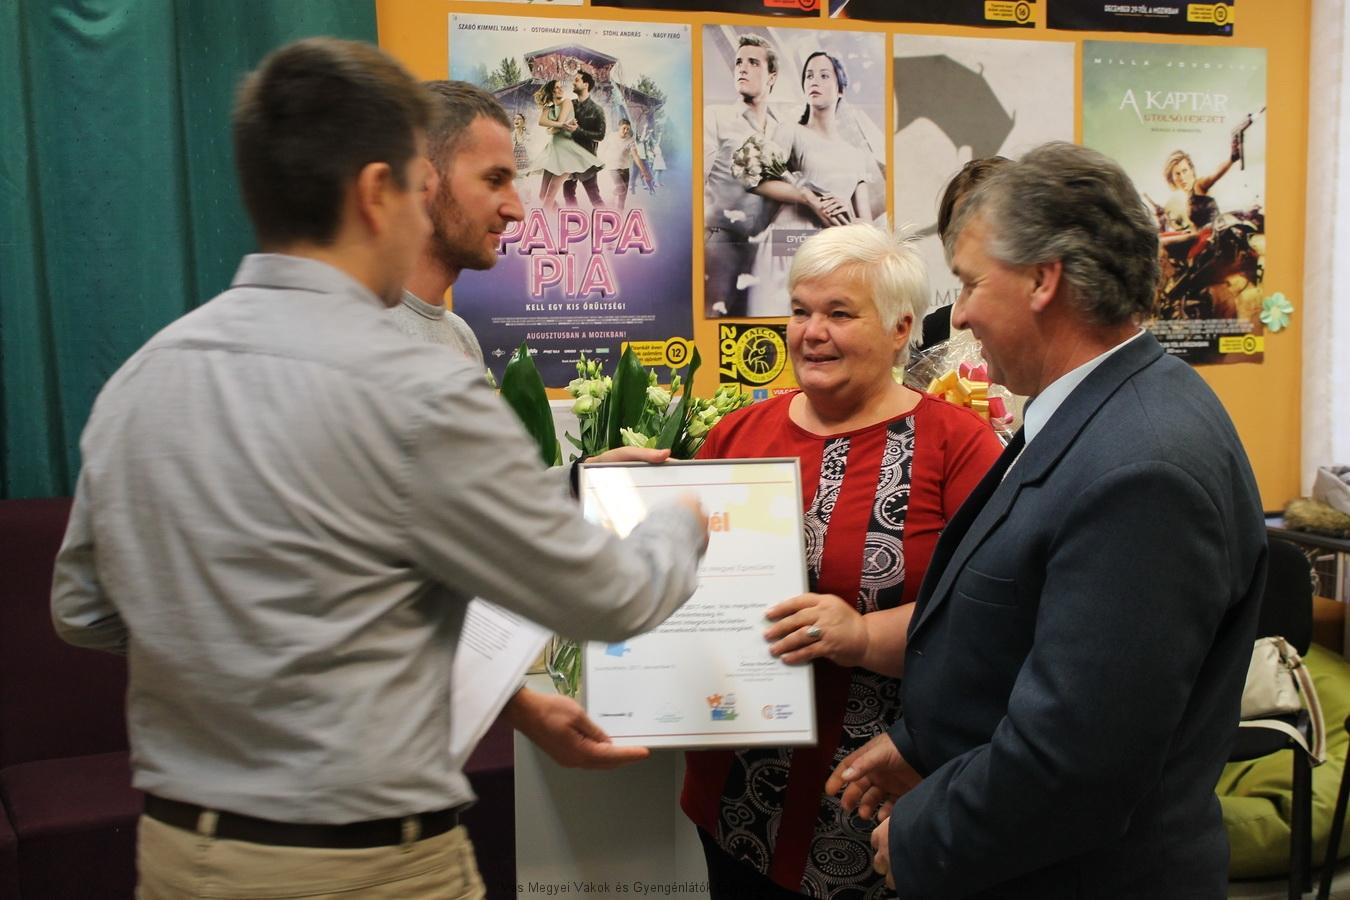 Bősze György elnök úr és Kopcsándiné Zsuzsa irodavezető átveszi az oklevelet.